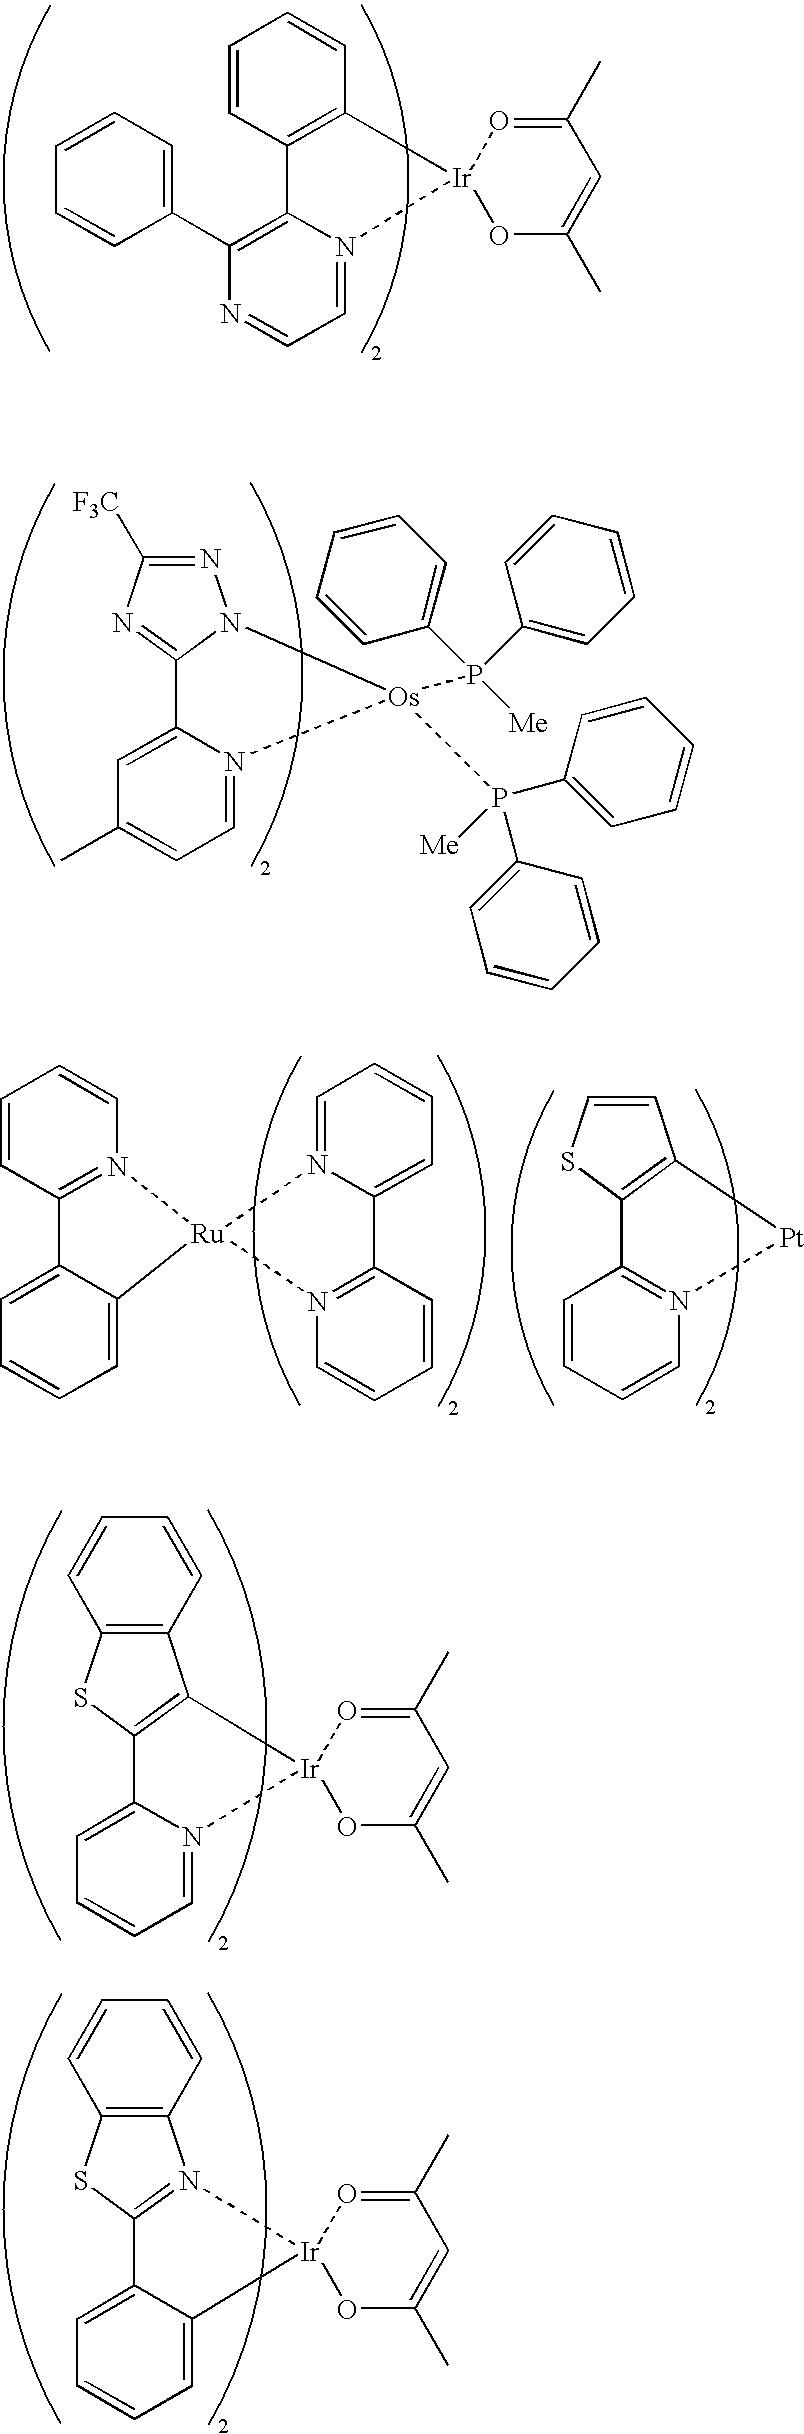 Figure US20100171109A1-20100708-C00152